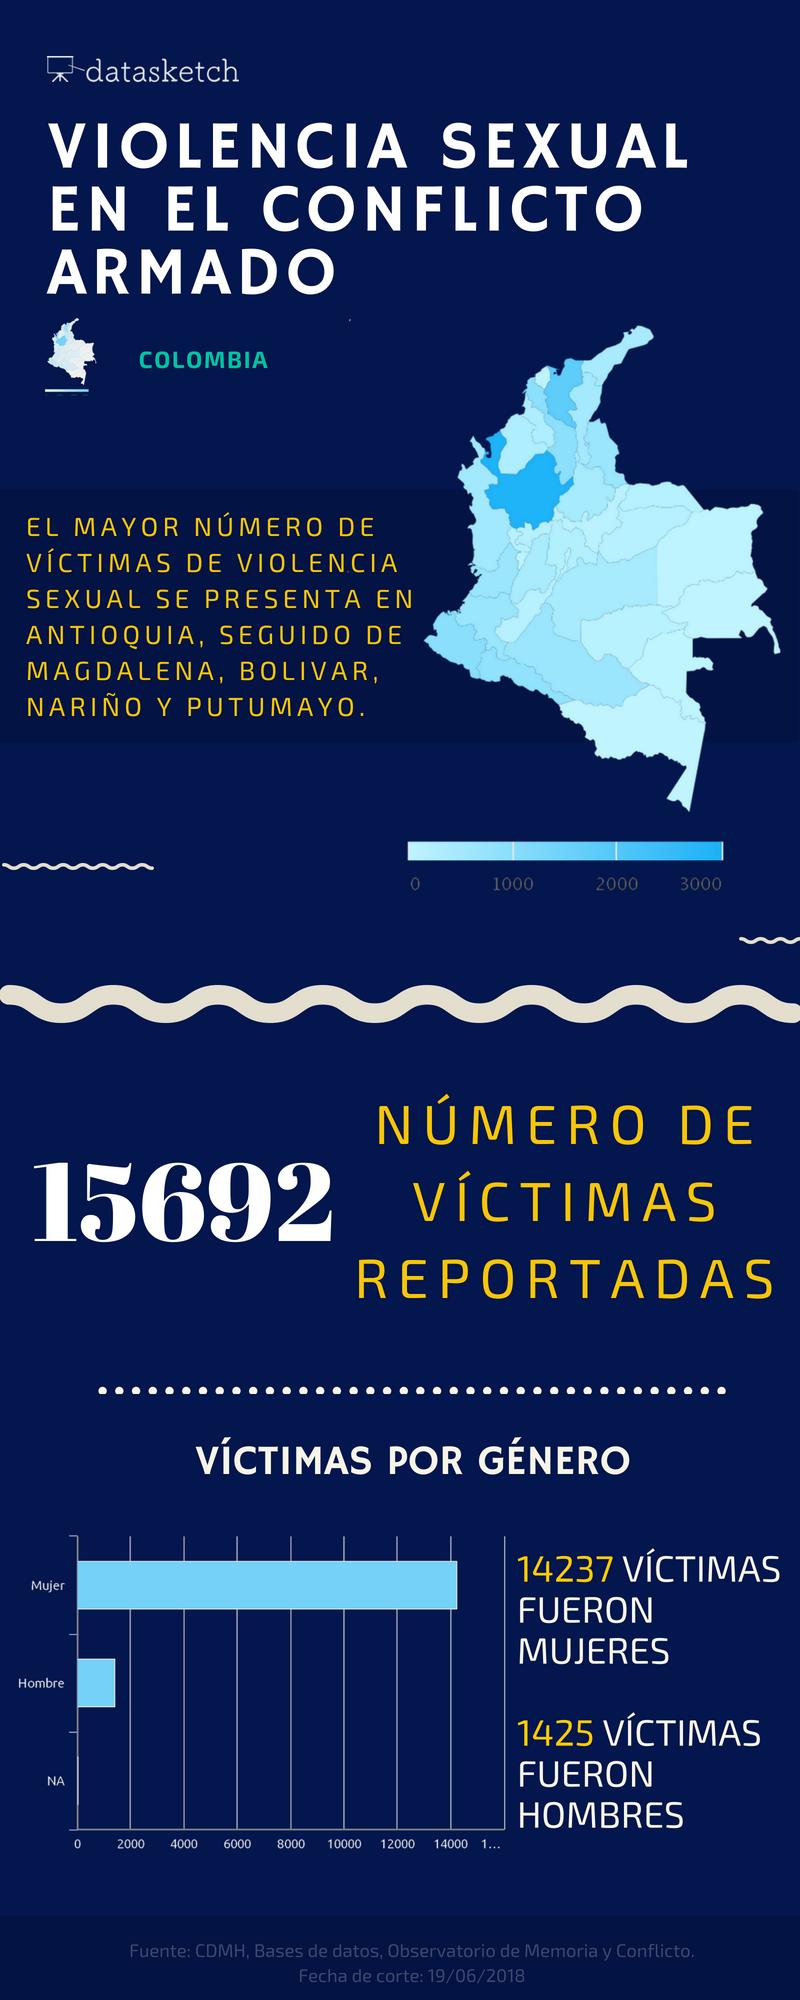 Violencia sexual en el conflicto armado en Colombia